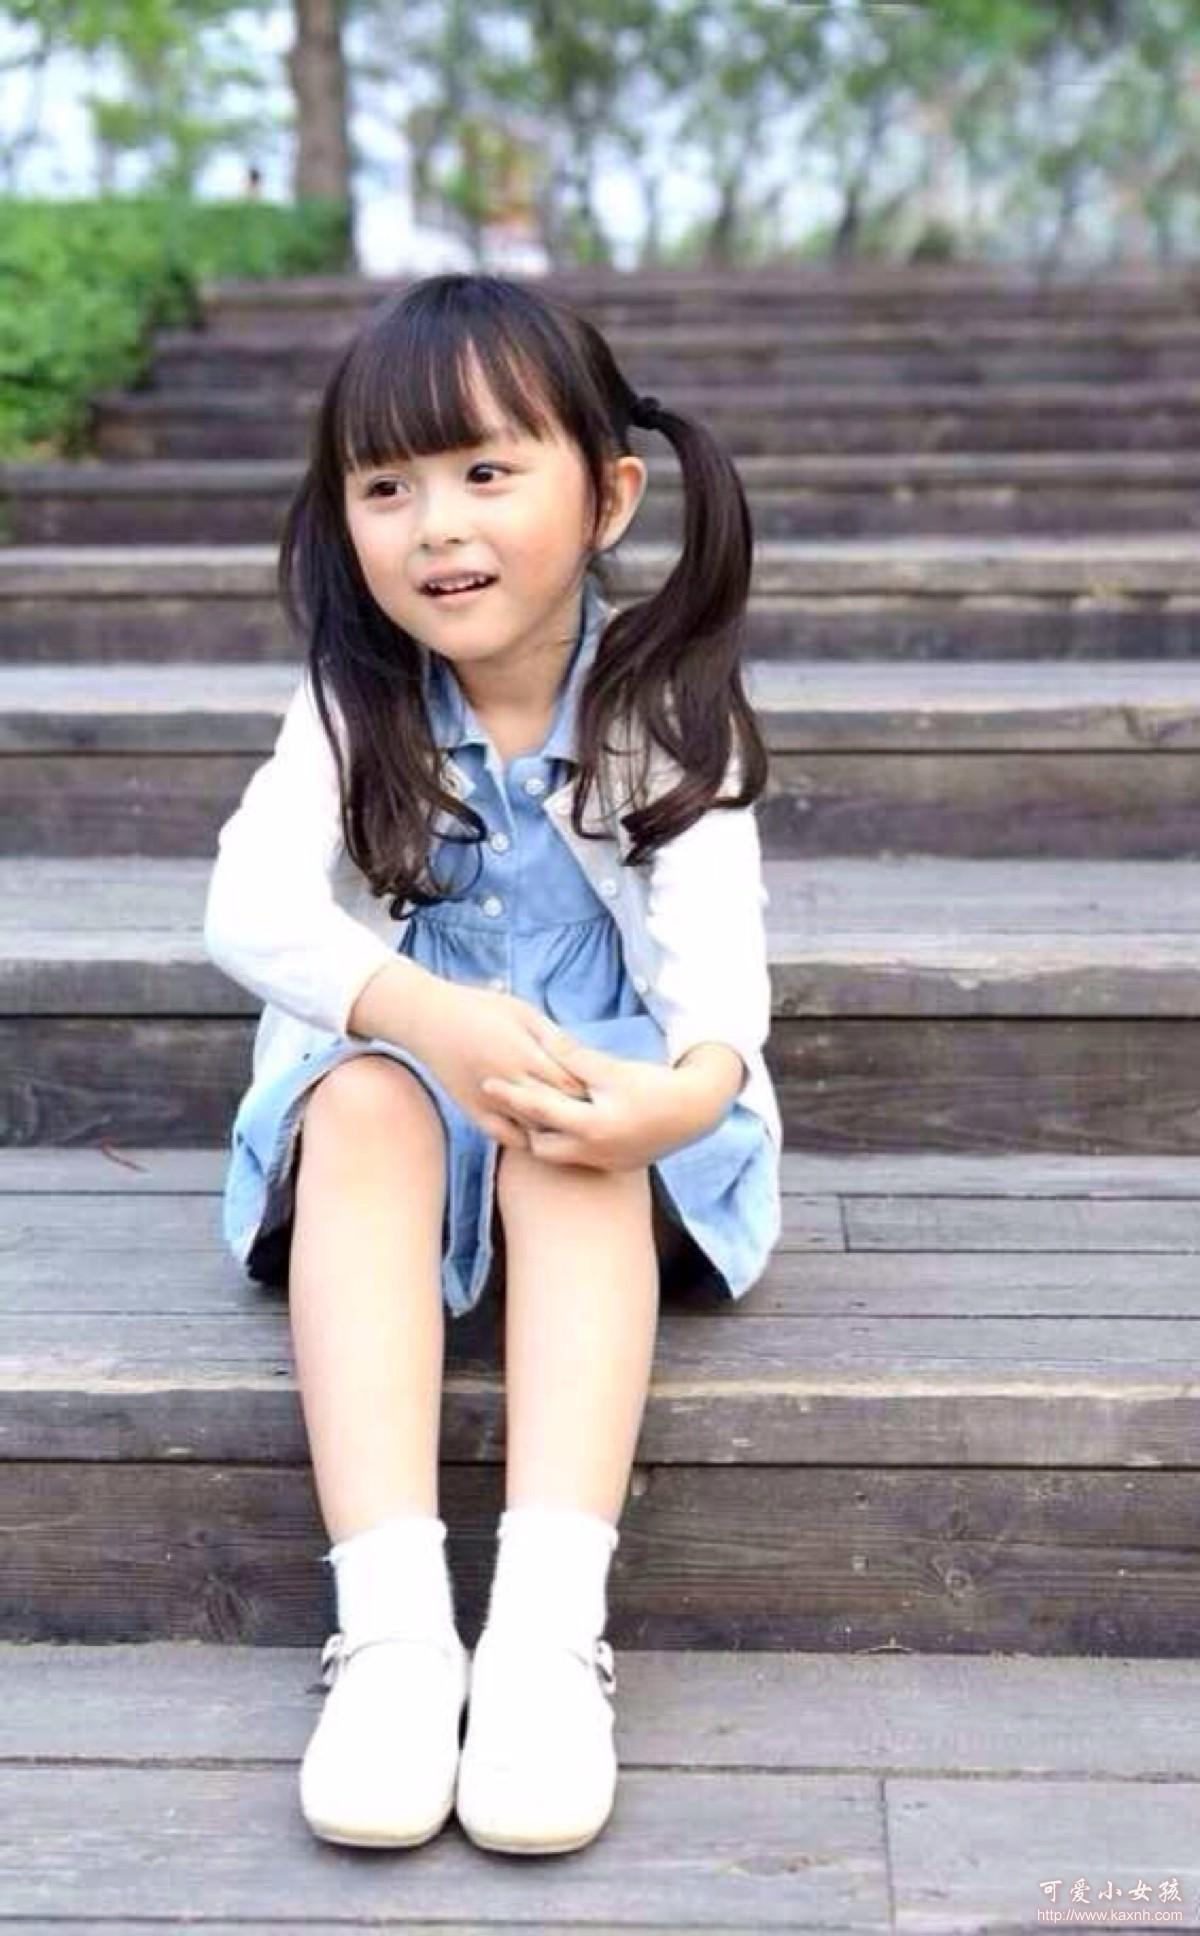 刘楚恬-照片展示-可爱小女孩